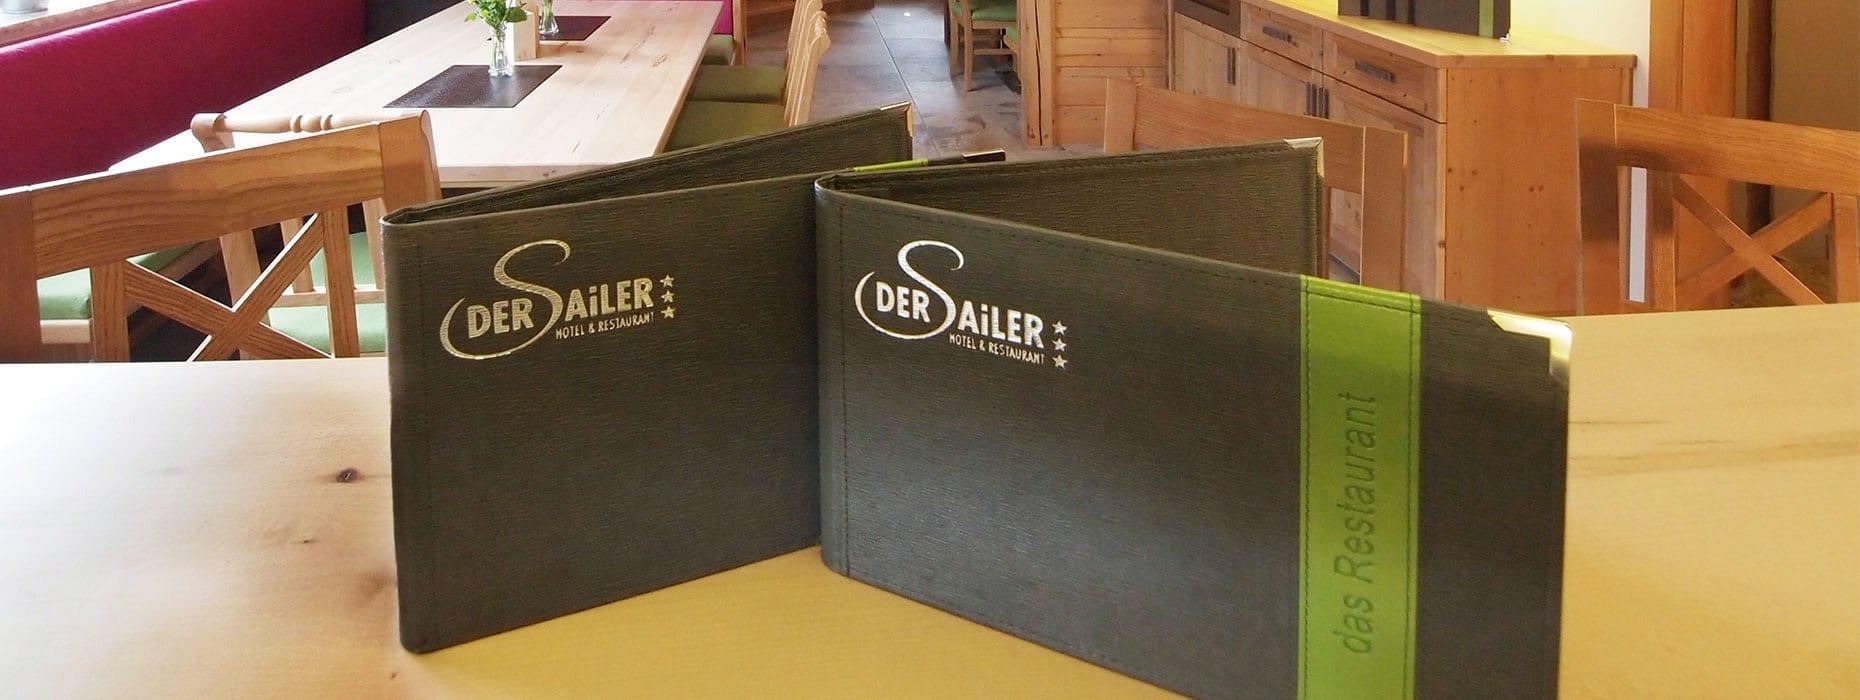 3-Sterne Hotel & Restaurant in Obertauern, 3-Sterne Hotel DER SAILER